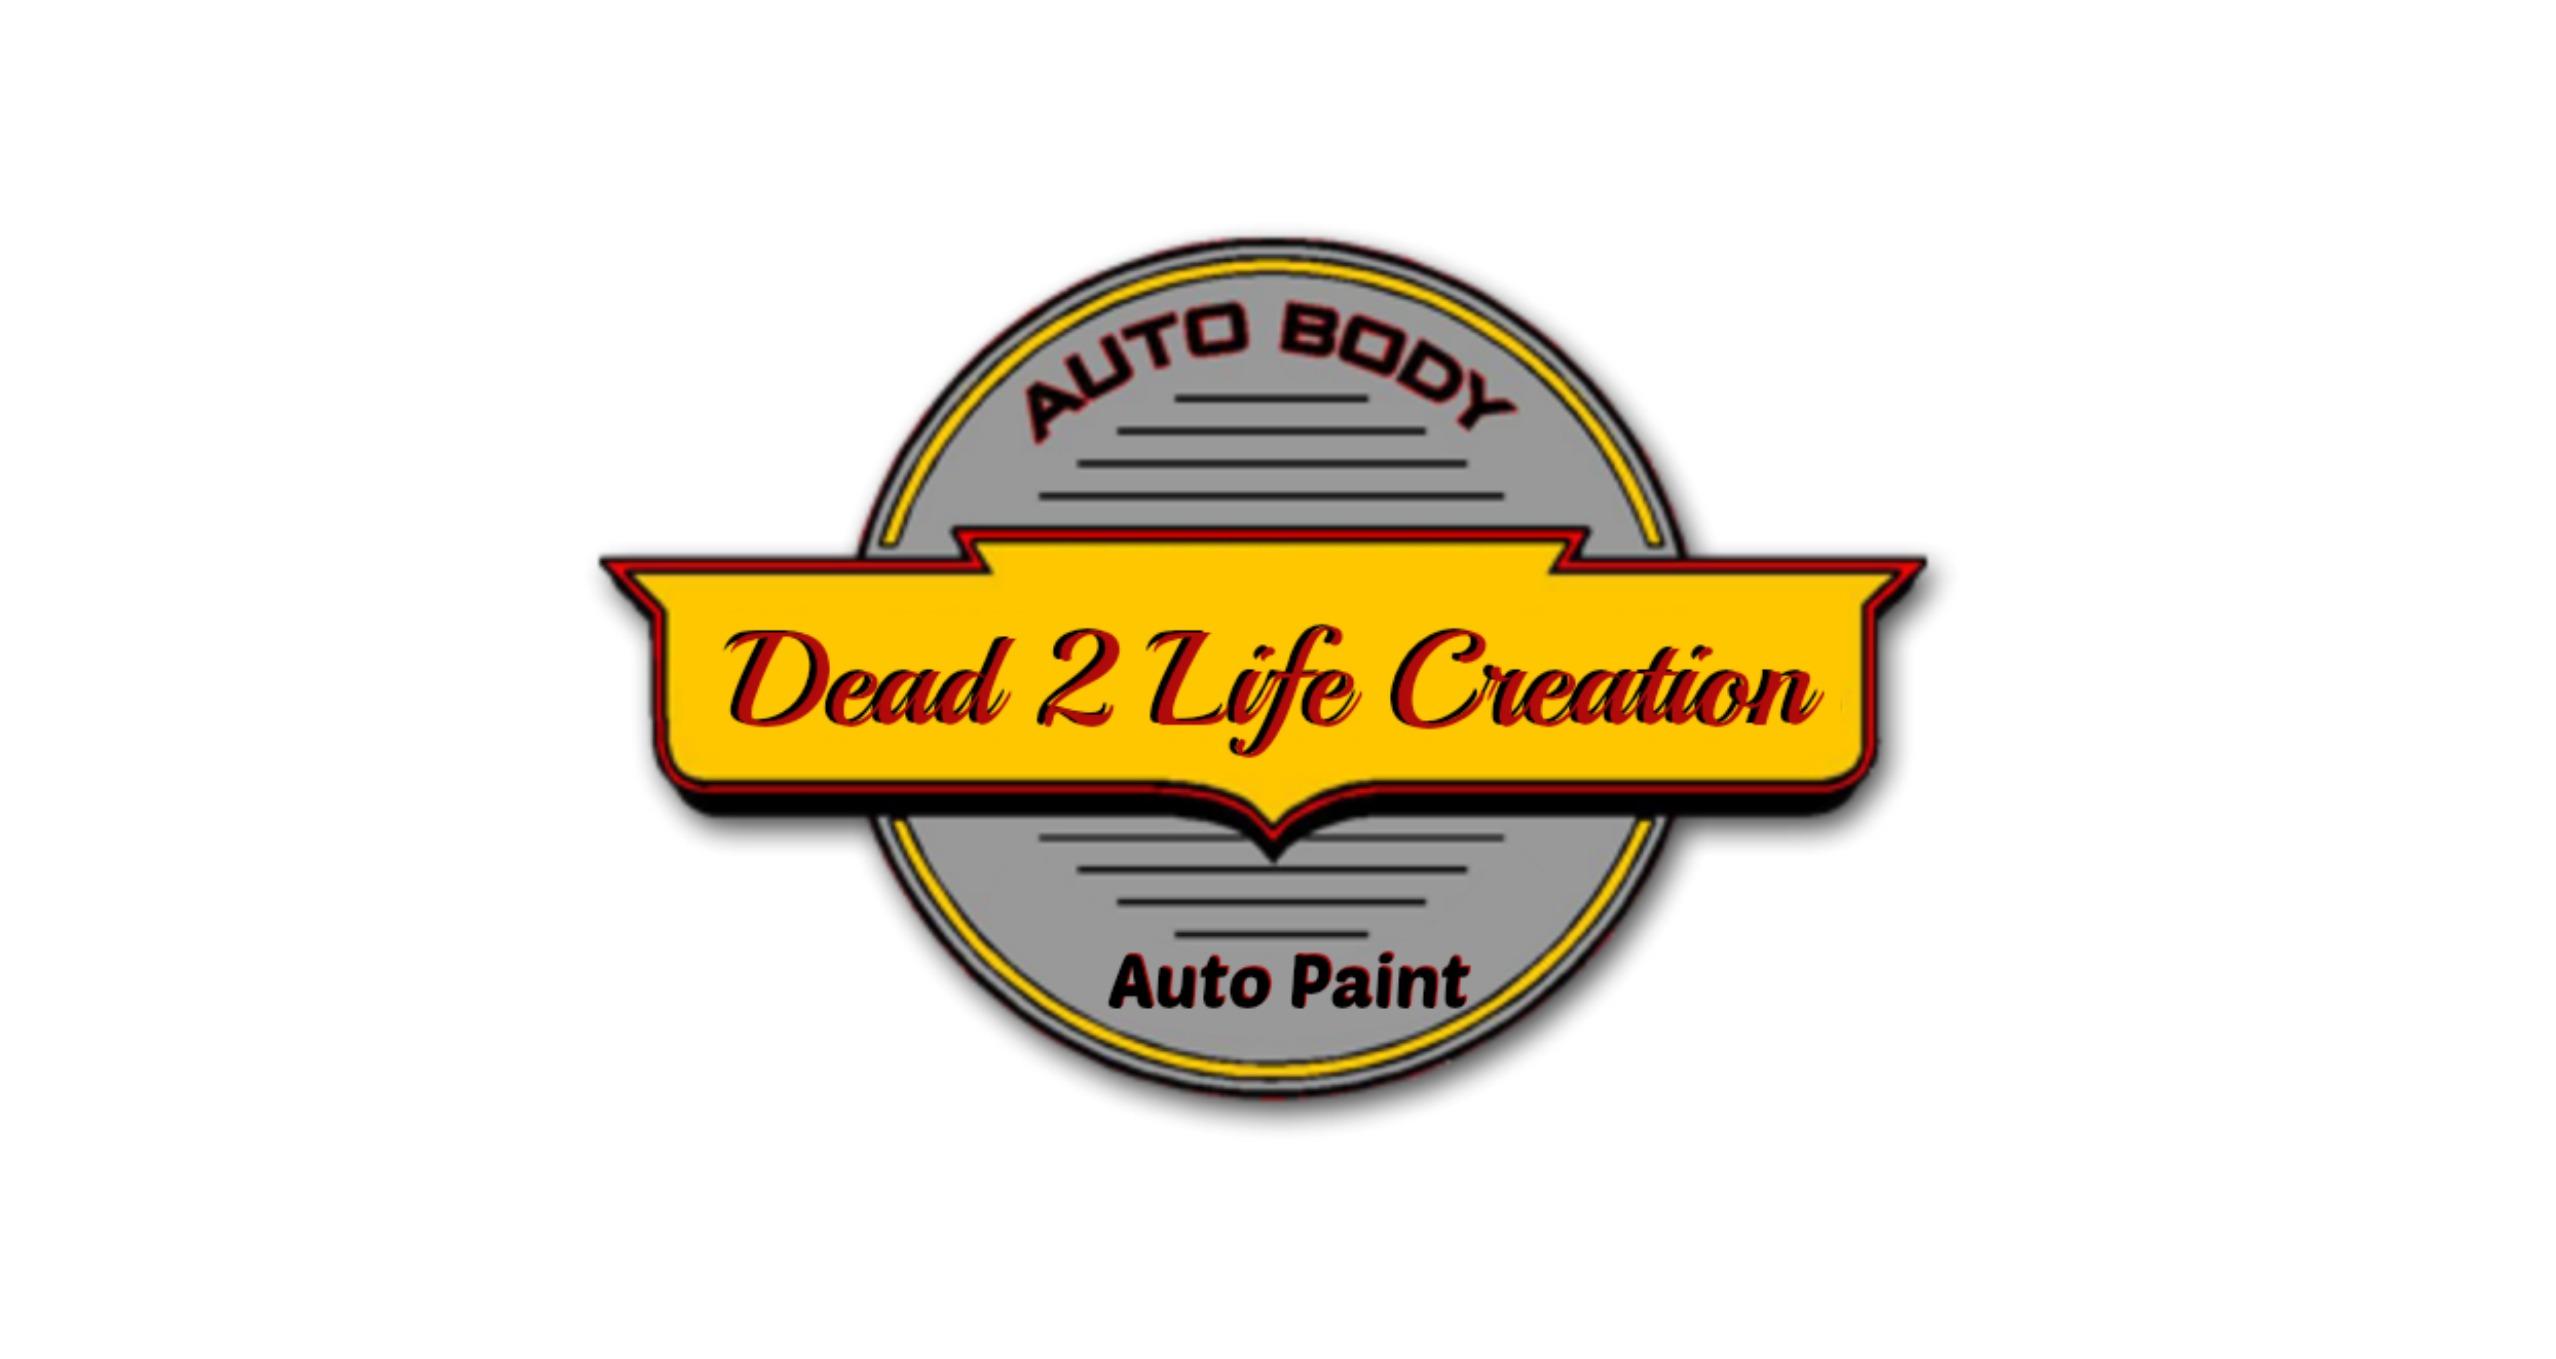 Dead 2 Life Auto Body